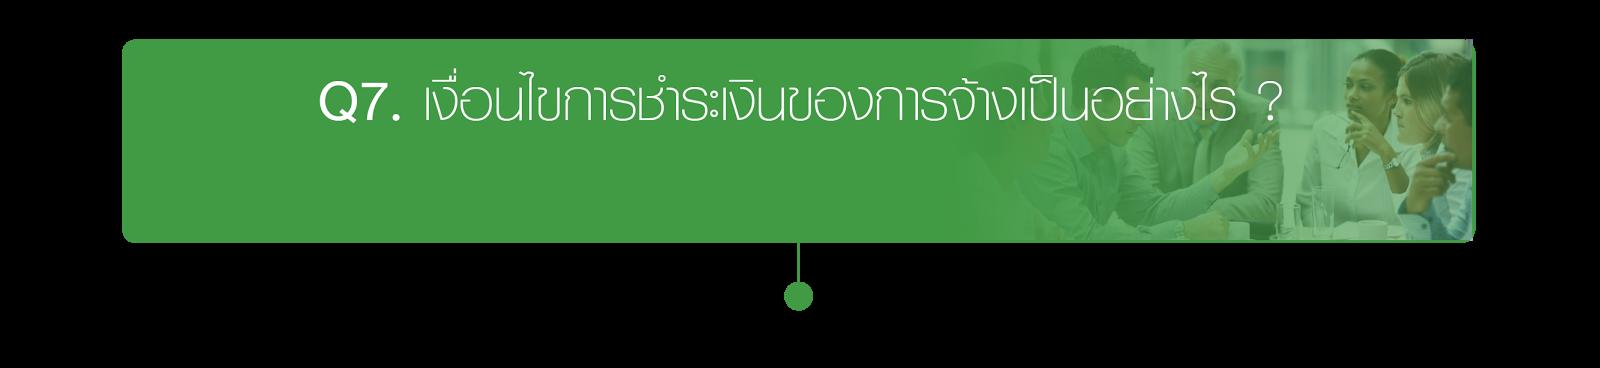 FAQ_img_07